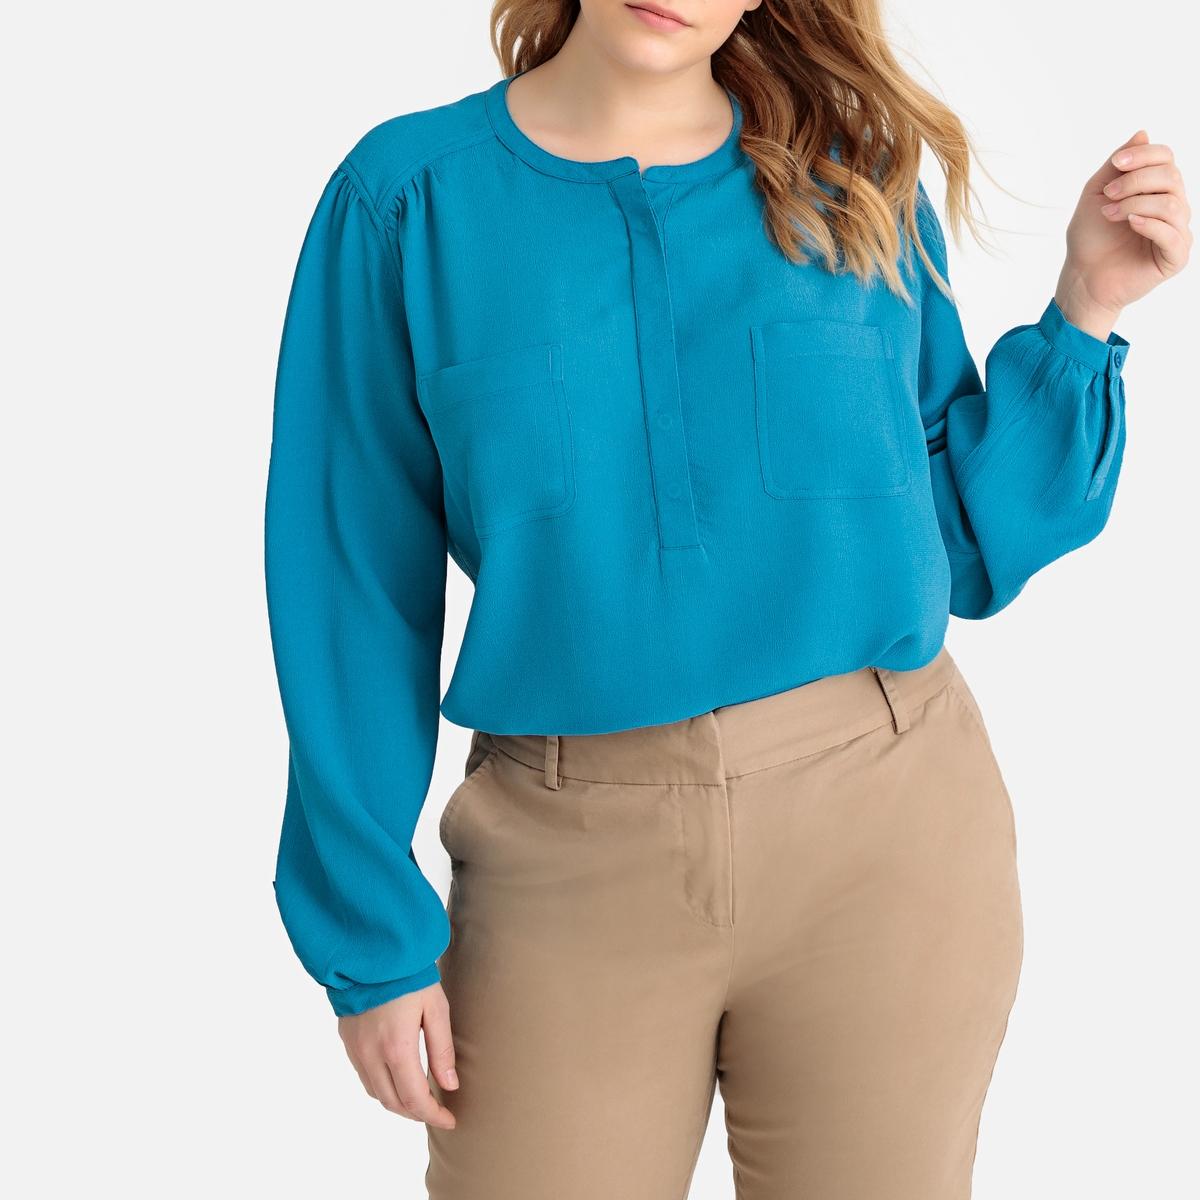 Блузка La Redoute С отложным воротником накладными карманами и длинными рукавами 46 (FR) - 52 (RUS) синий пиджак с отложным воротником b young